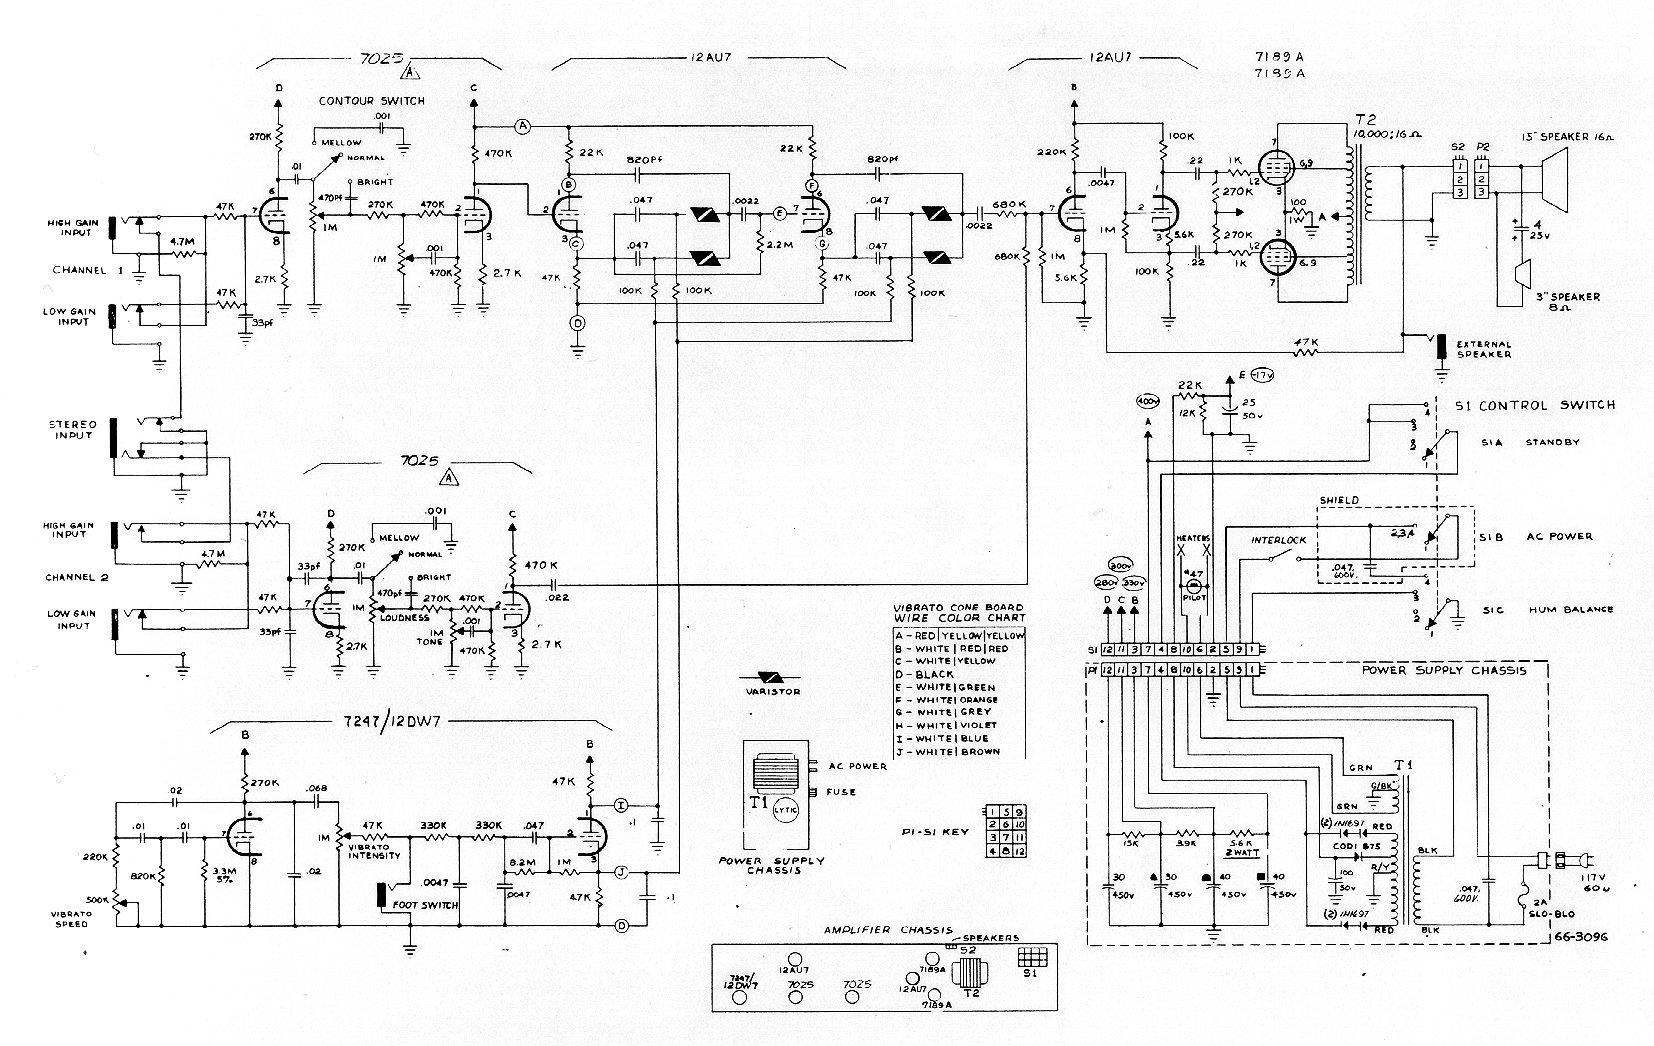 wrg 9423] magnatone amp schematic 1950s guitar amplifiers vintage magnatone amplifier schematic #12